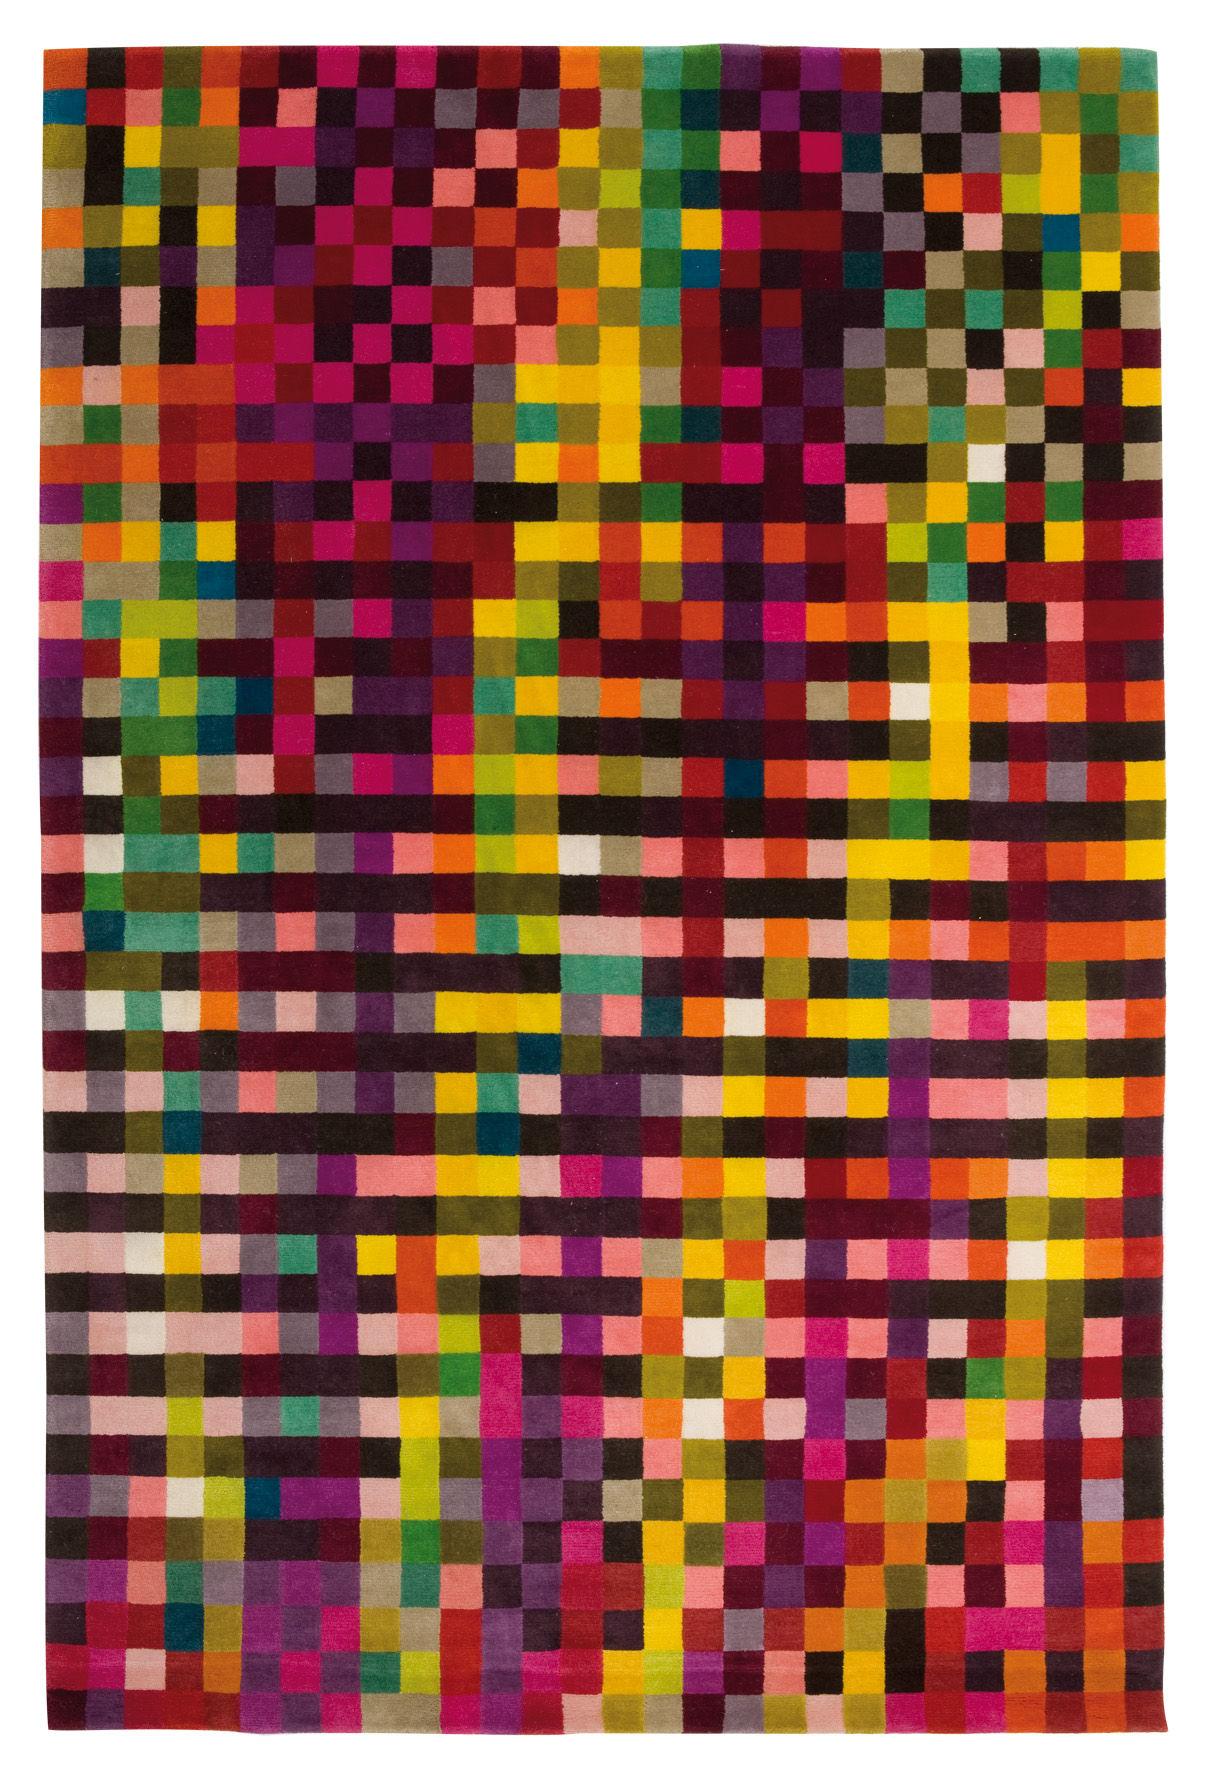 Möbel - Teppiche - Digit 1 Teppich 200 x 300 cm - Nanimarquina - Leuchtende Farben / 200 x 300 cm - Wolle